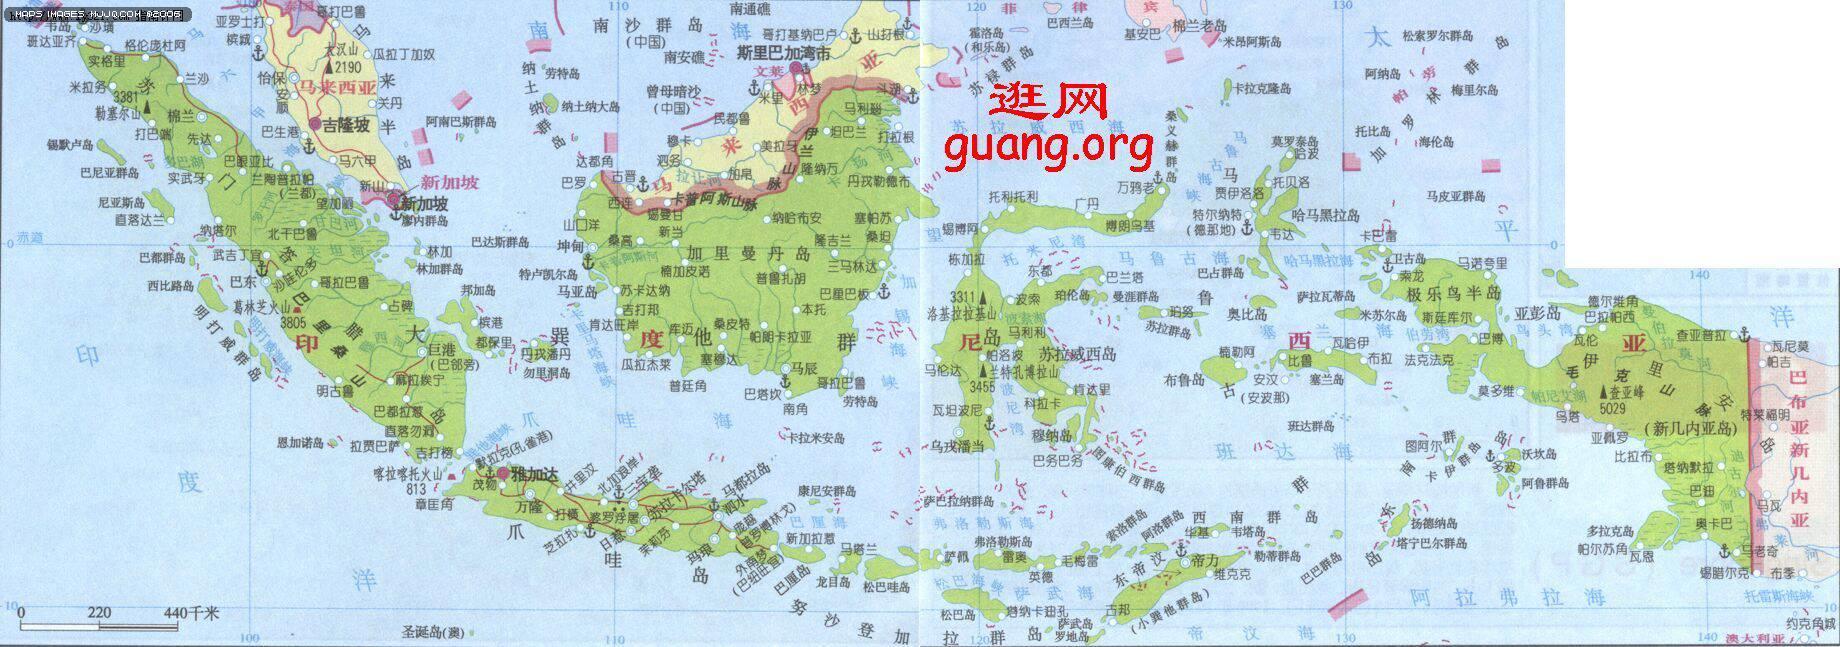 印尼雅加达地图_印尼地图【图片 价格 包邮 视频】_淘宝助理